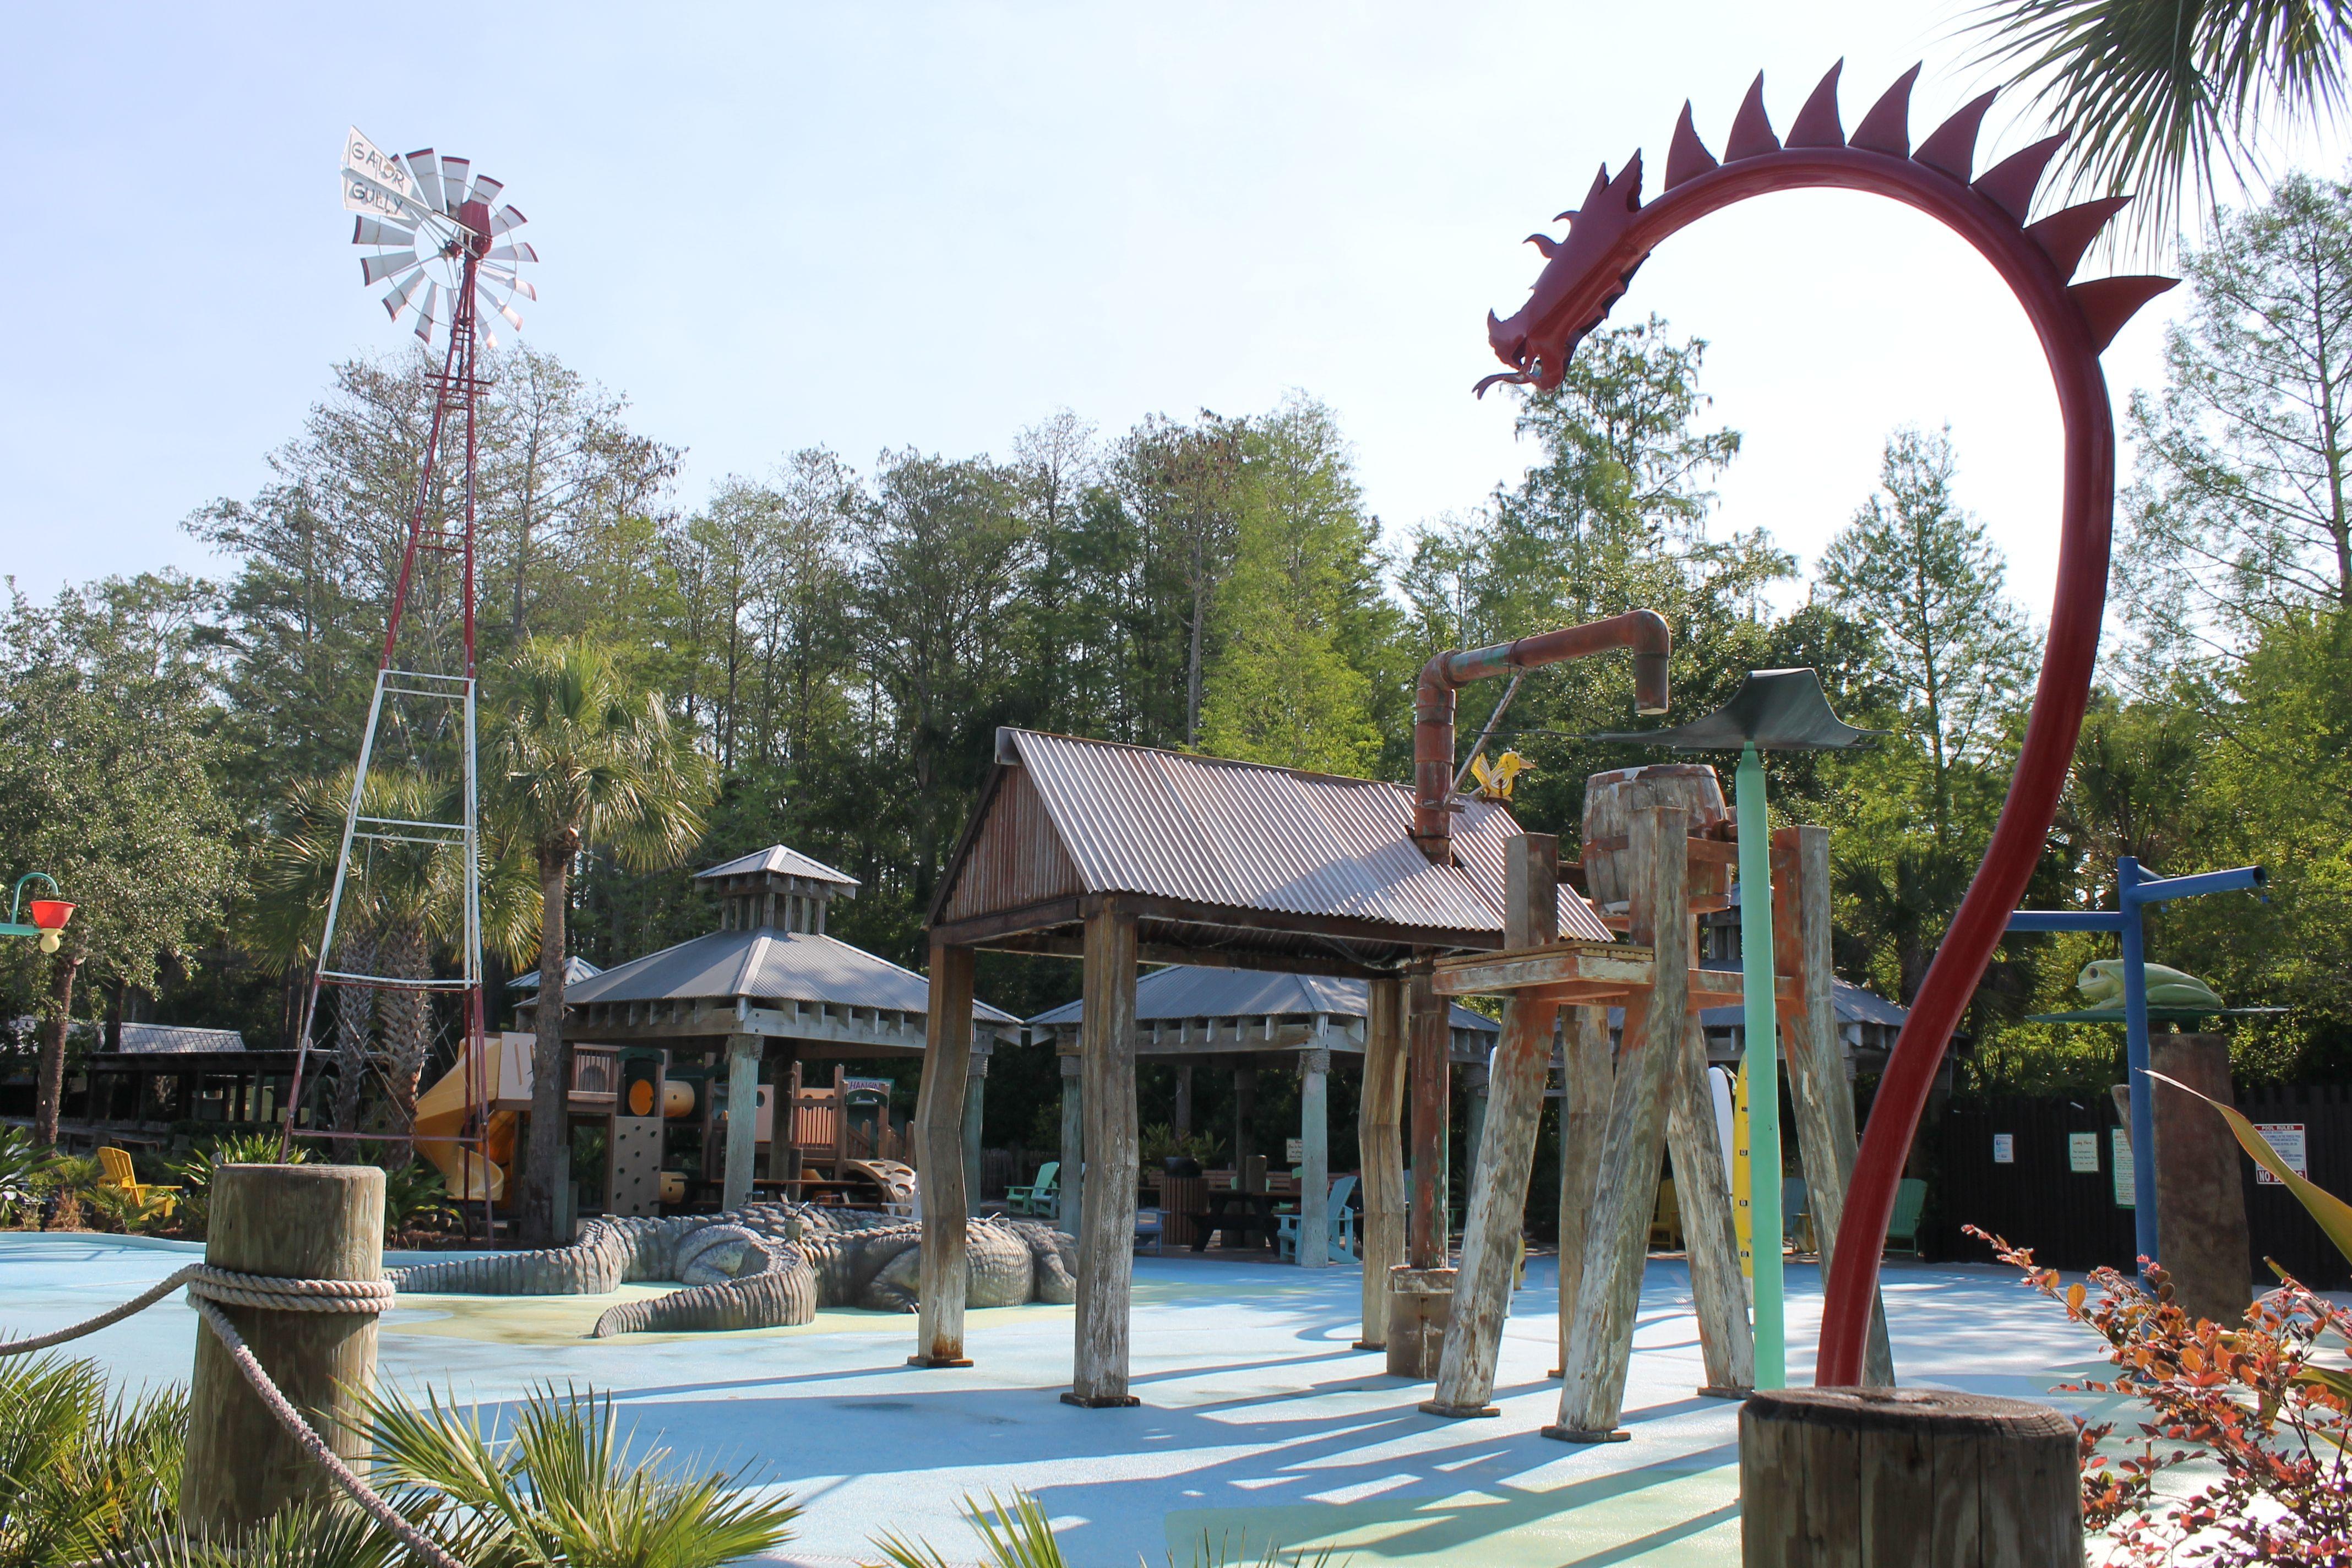 Gator Sully Splash park